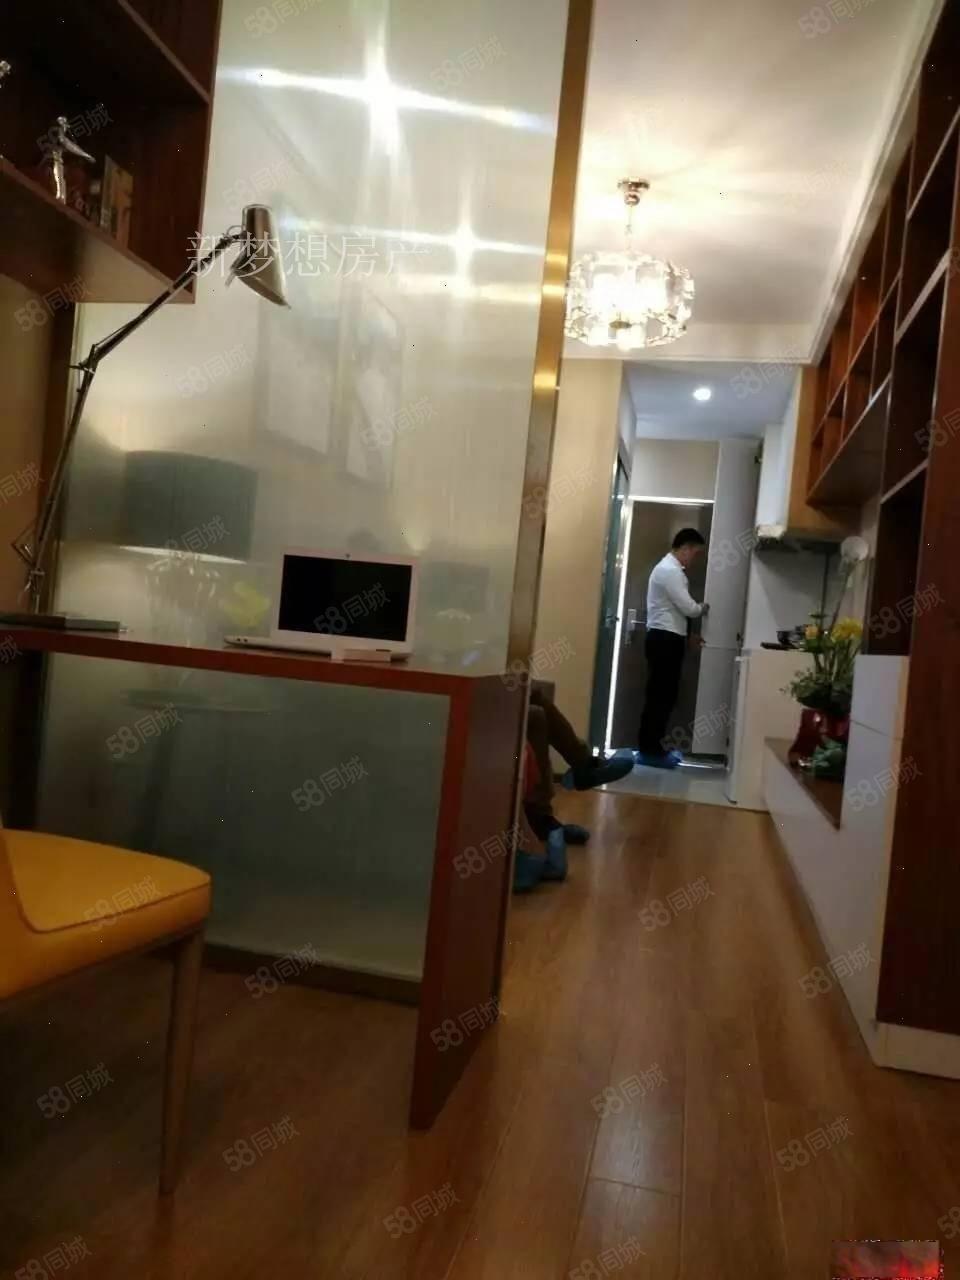 首2万买套房南港区精装小公寓,园博园旁,临近机场,数量有限